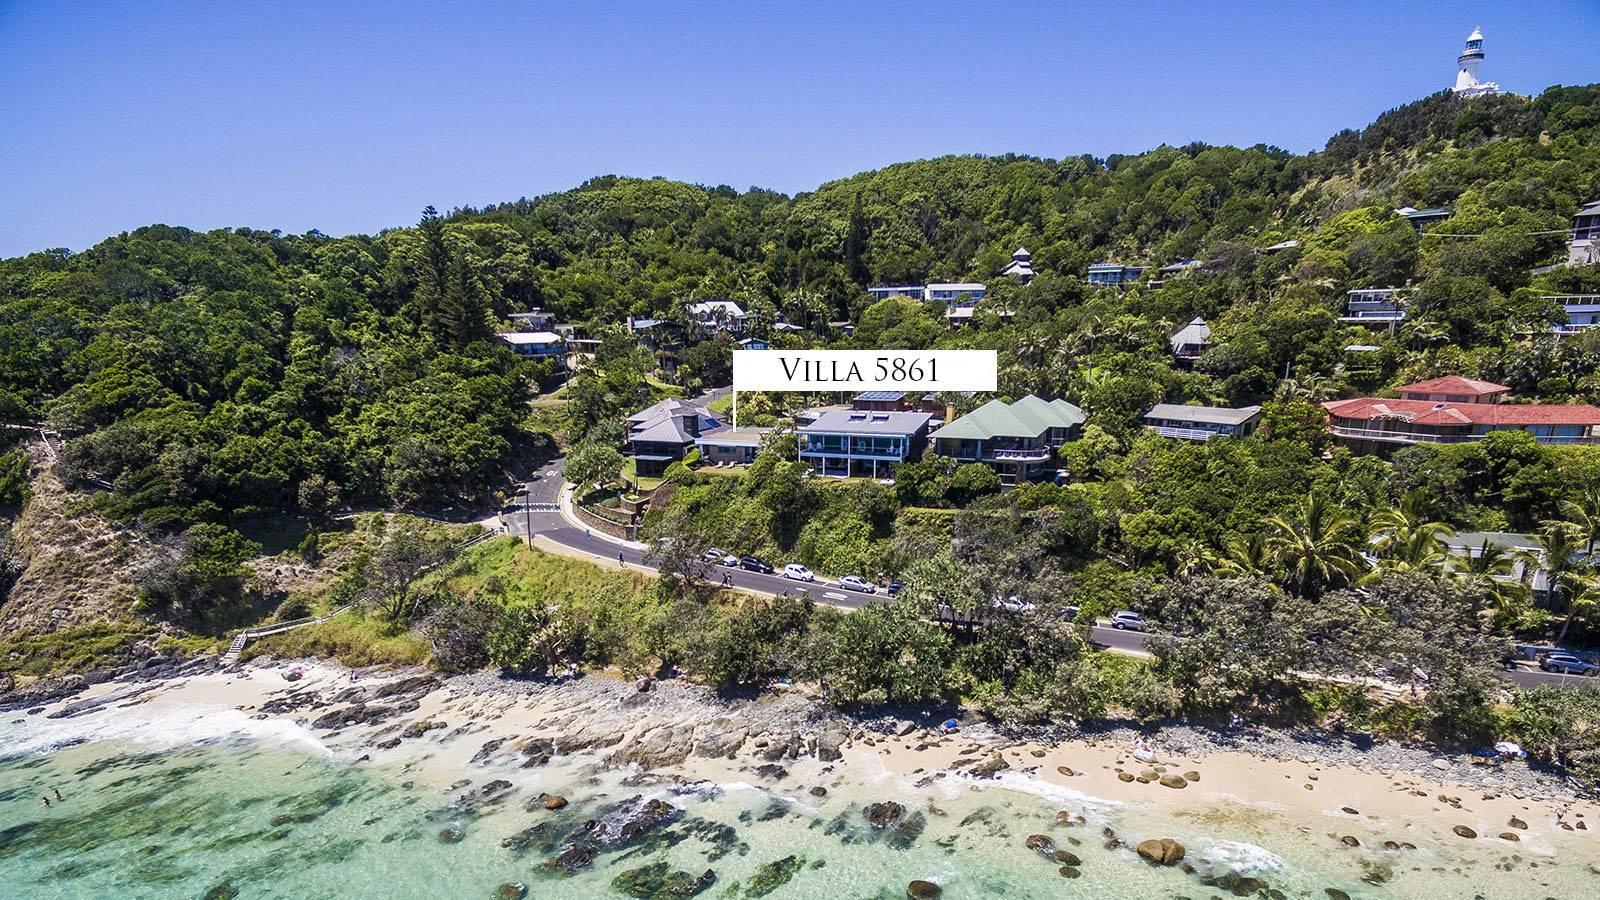 Villa 5861